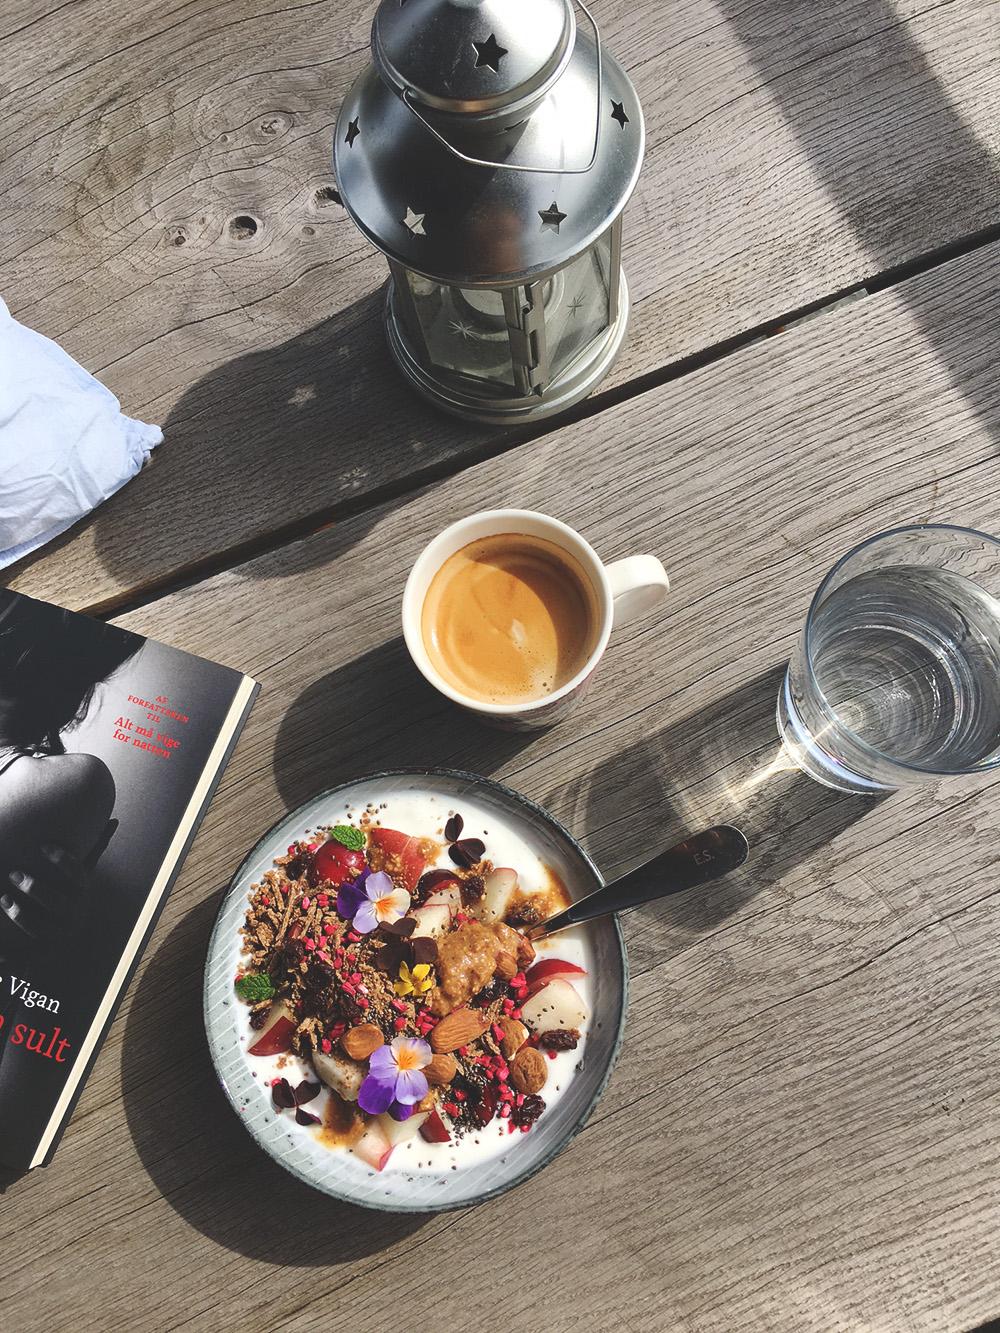 morgenmad på altanen, kaffe, yoghurt med granola og frugt, bog